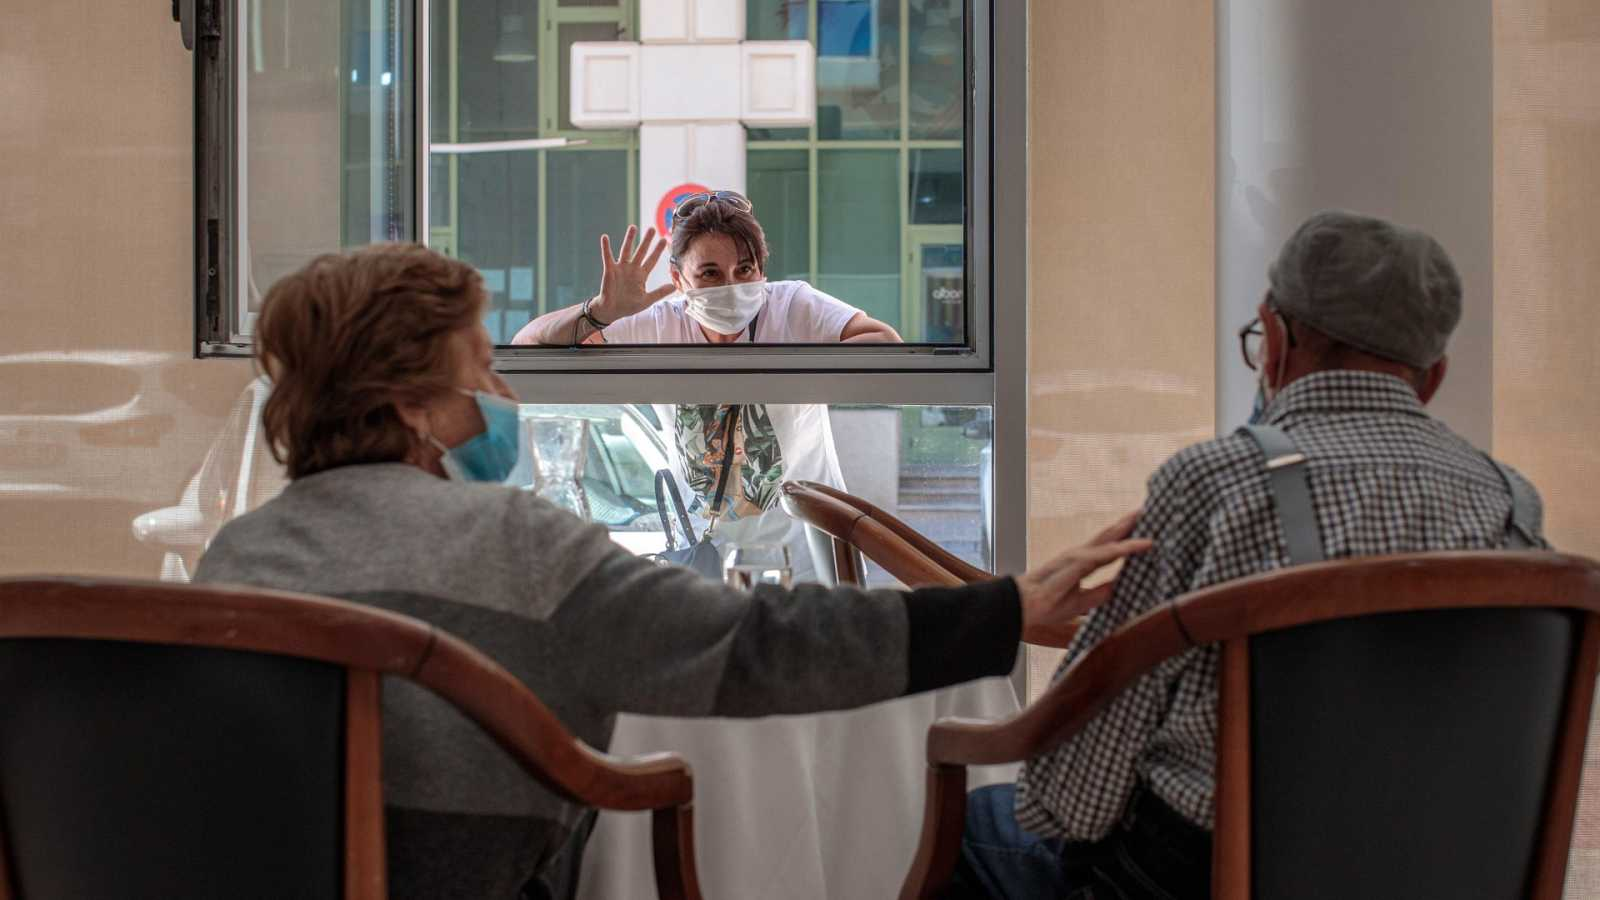 Una mujer conversa con sus padres a través de una ventana habilitada en la residencia de mayores Ballesol Patacona, en Valencia, para que los residentes puedan recibir visitas de sus familiares.